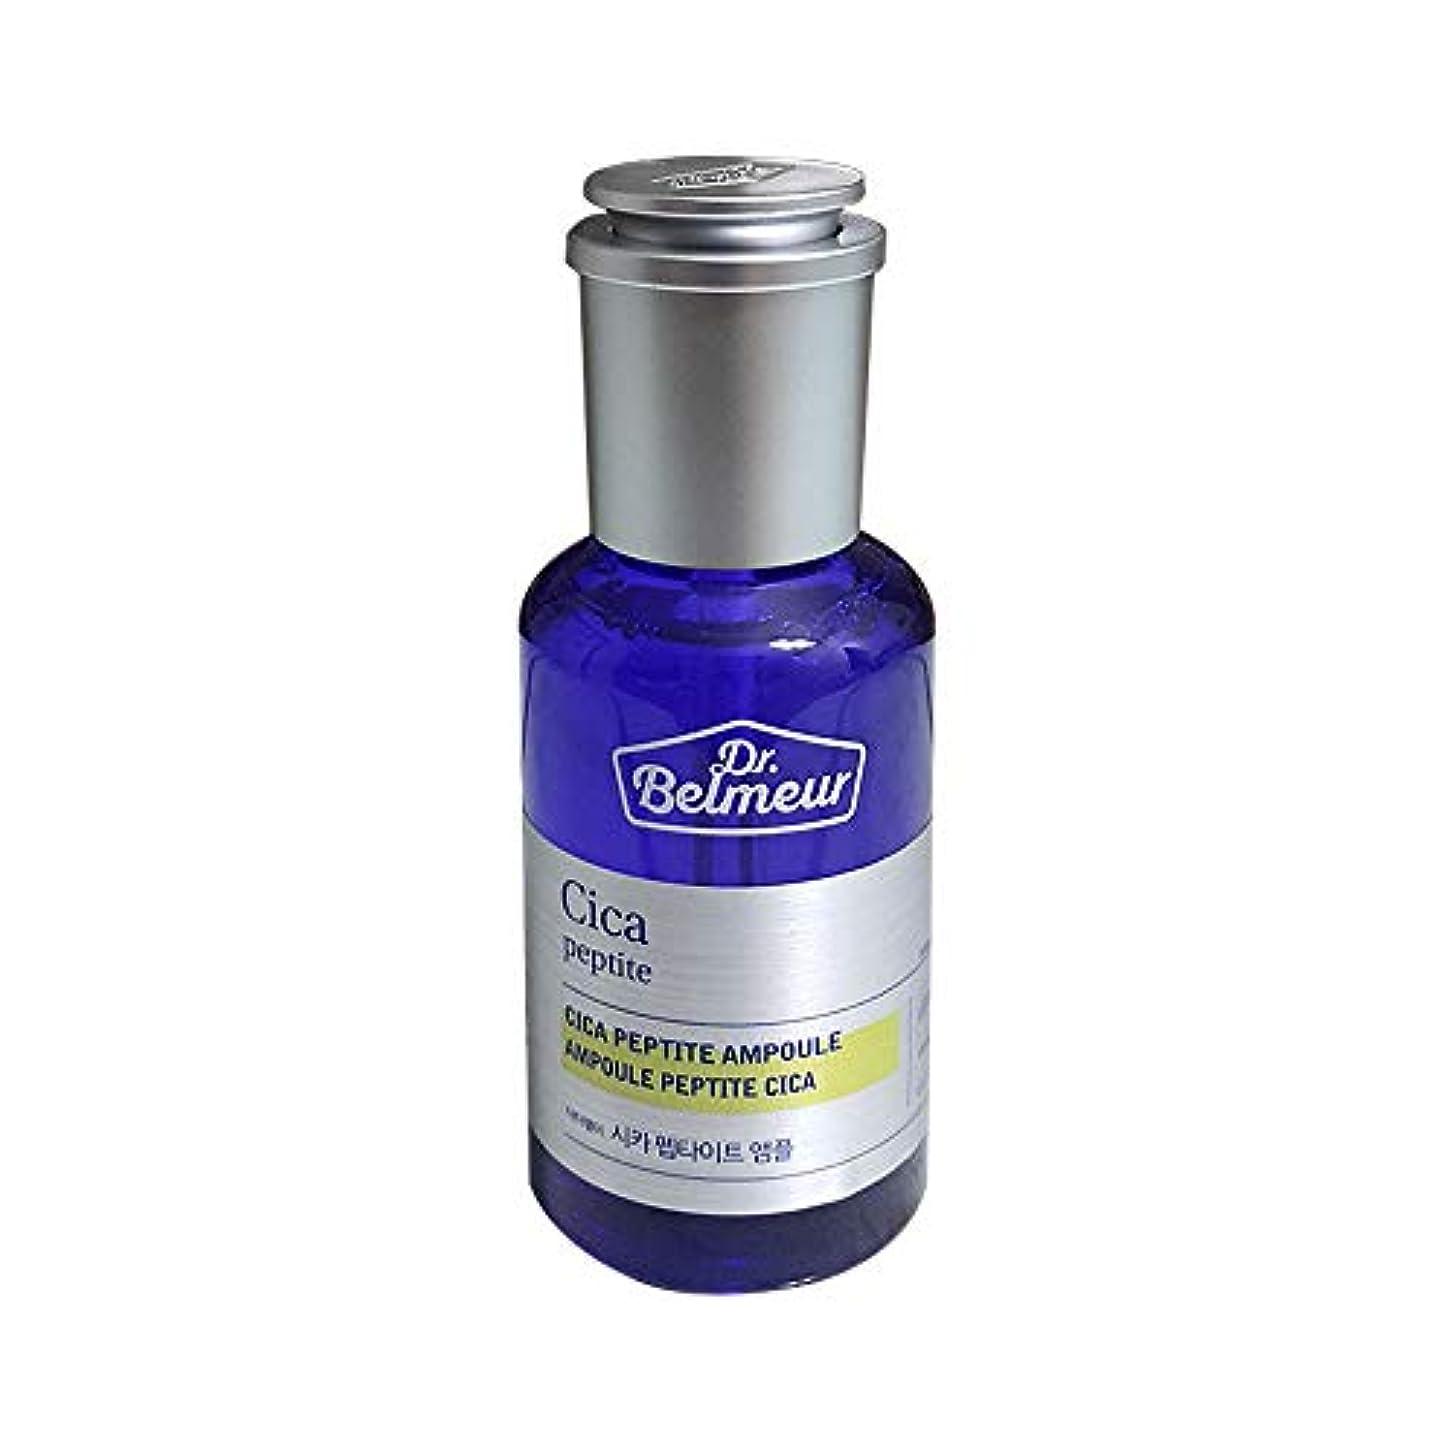 尊敬する解釈メタルライン[ザ・フェイスショップ]The Face Shopドクターベルメールシカペプタイトアンプル45ml Dr.Belmeur Cica Peptite Ampoule 45ml [海外直送品]